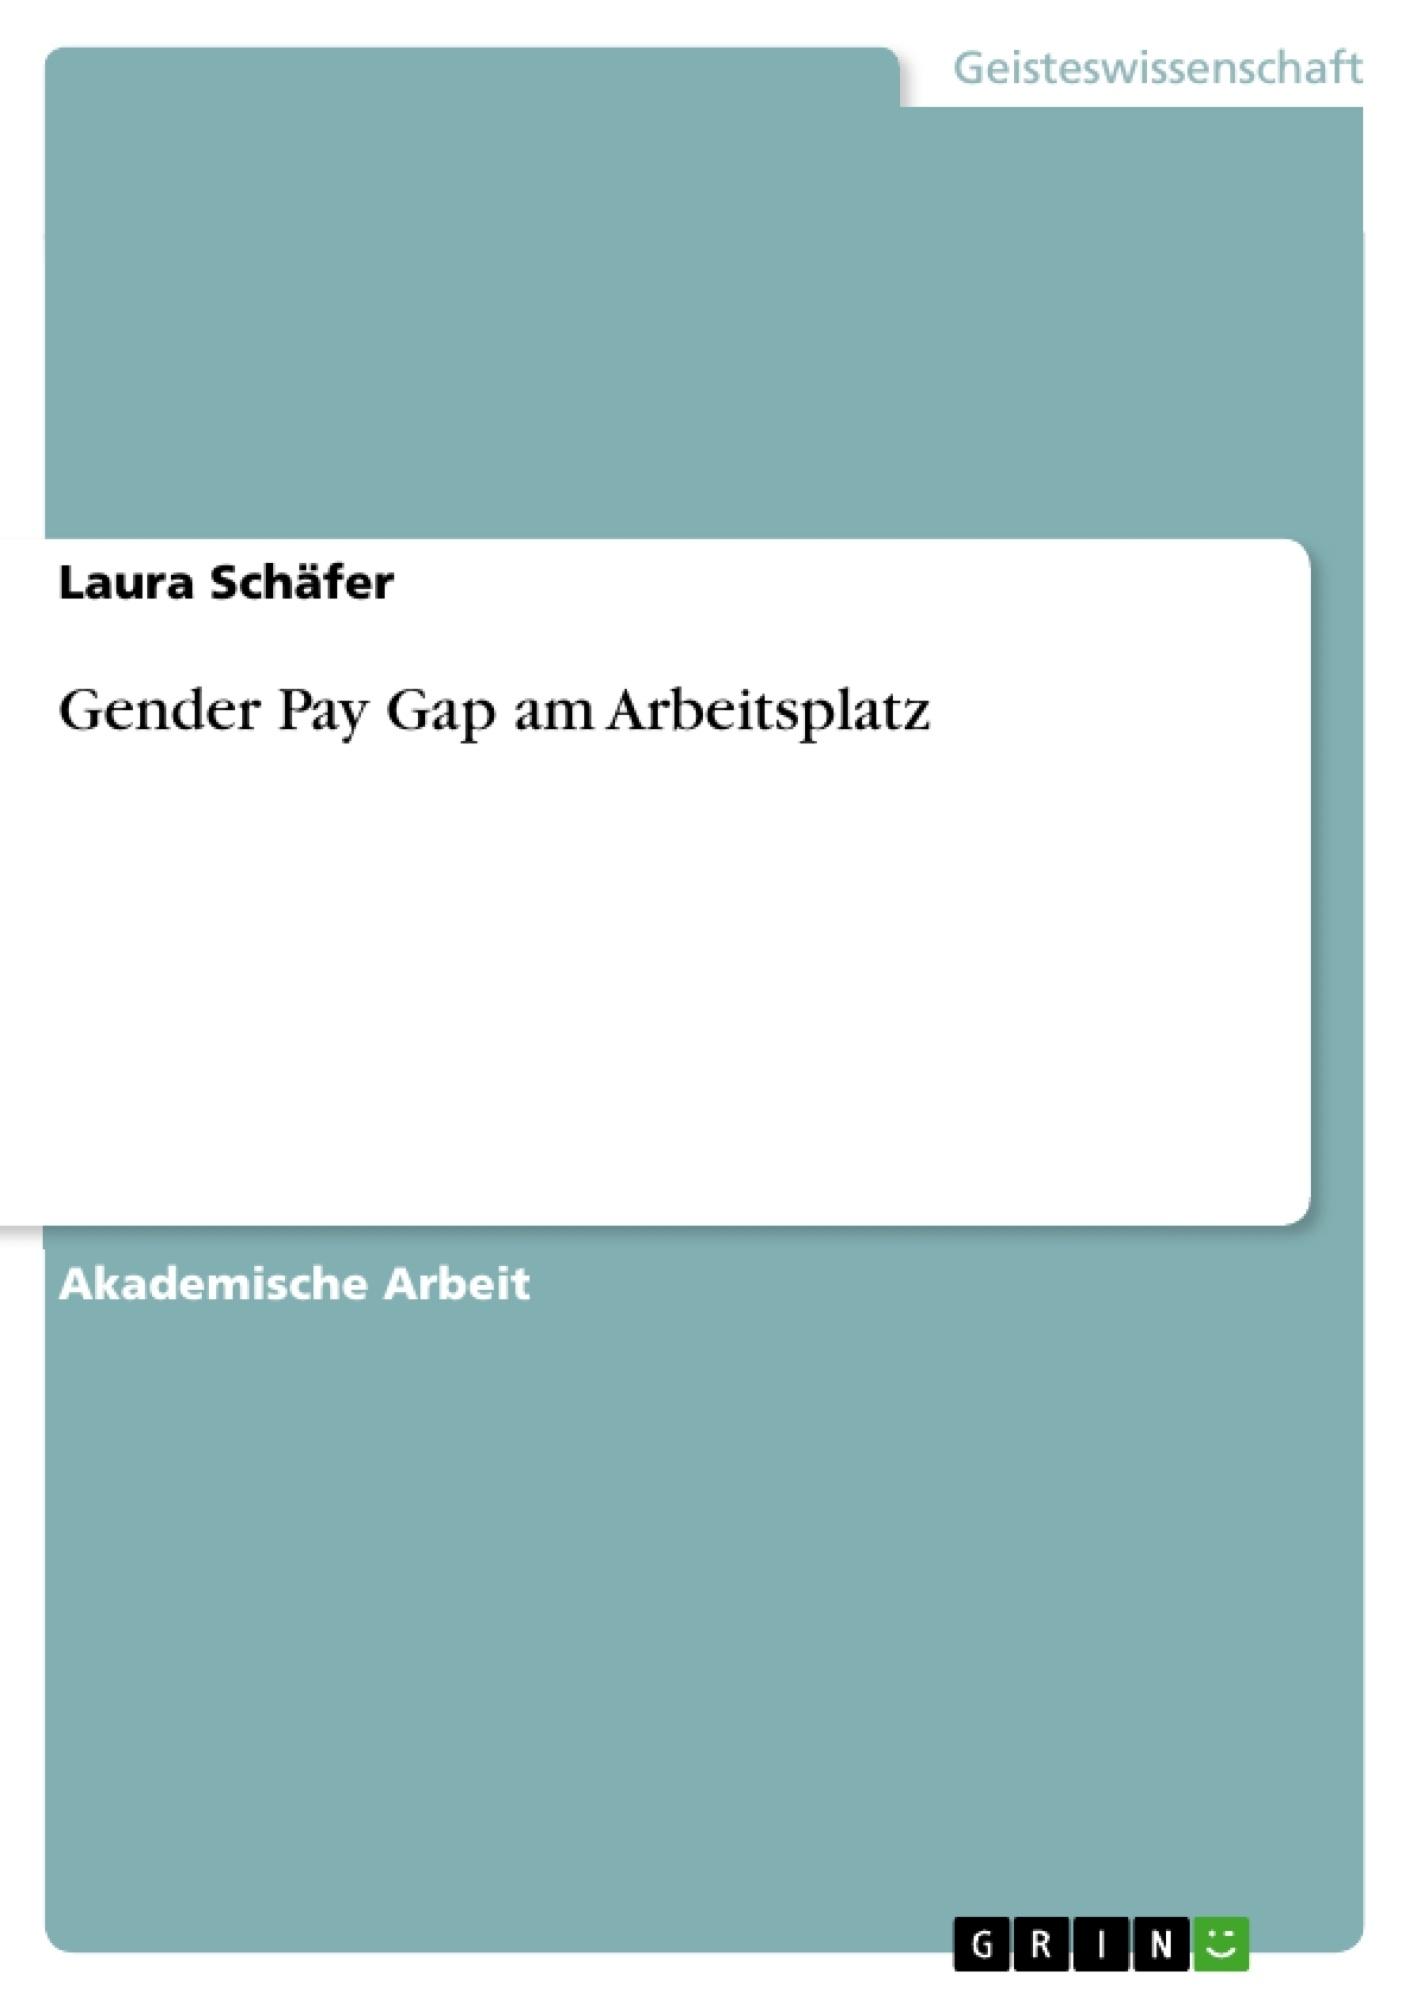 Titel: Gender Pay Gap am Arbeitsplatz